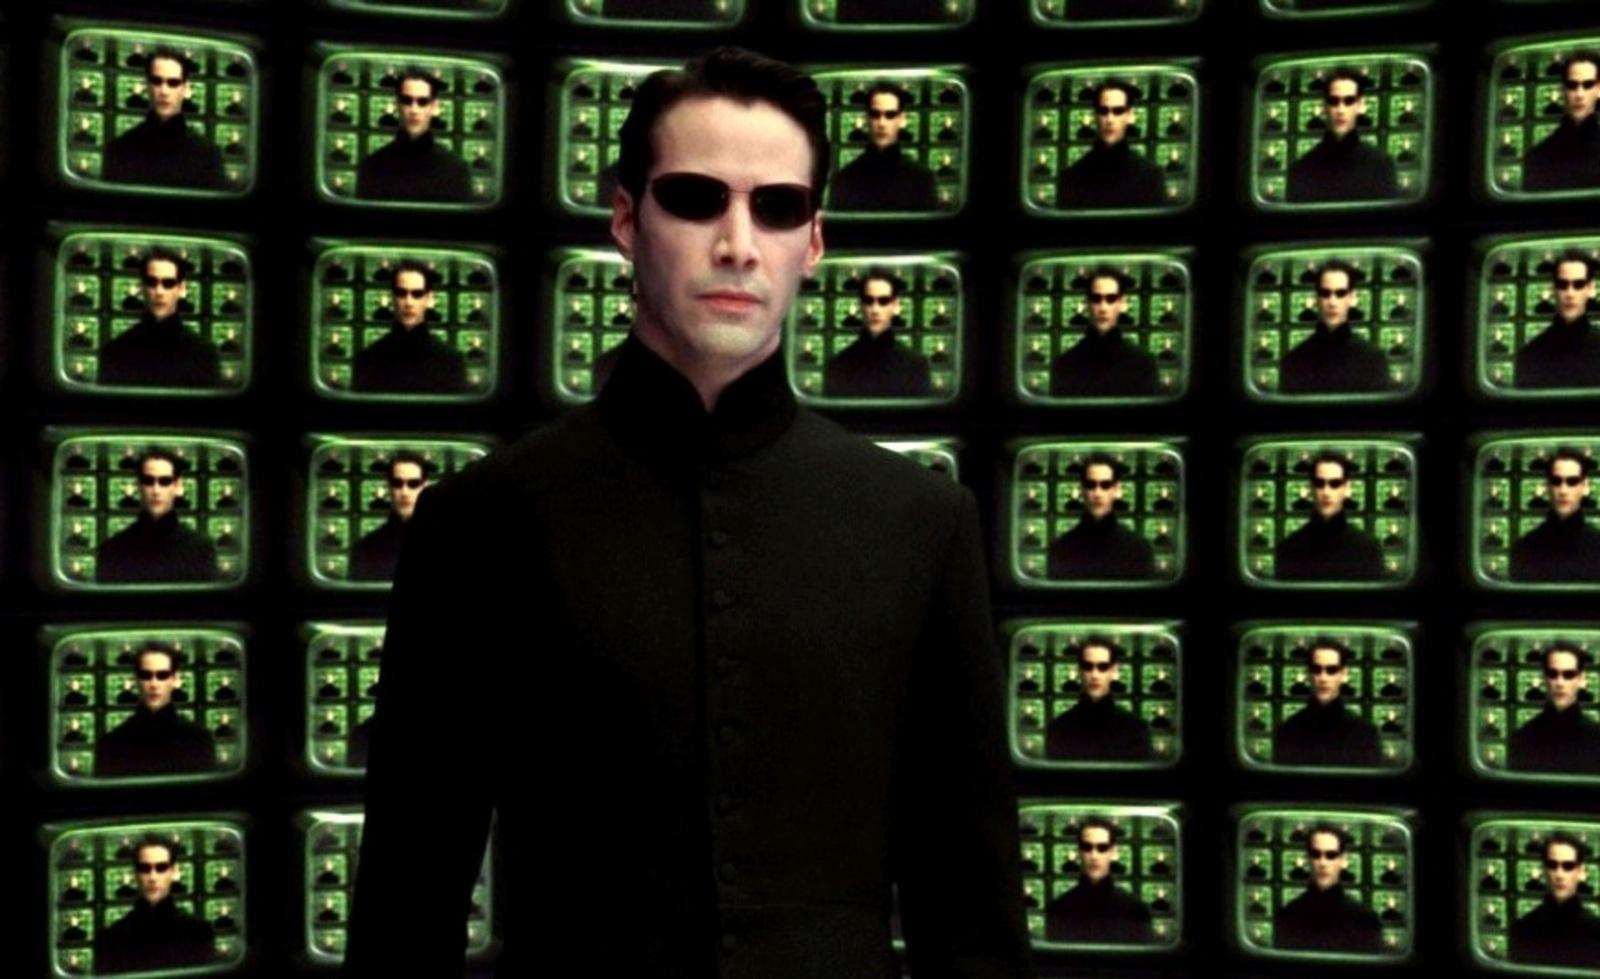 """Программист также отметил, что теперь можетнаписать в своем резюме, что случайно остановил международную кибератаку / Кадр из фильма """"Матрица: Перезагрузка"""""""